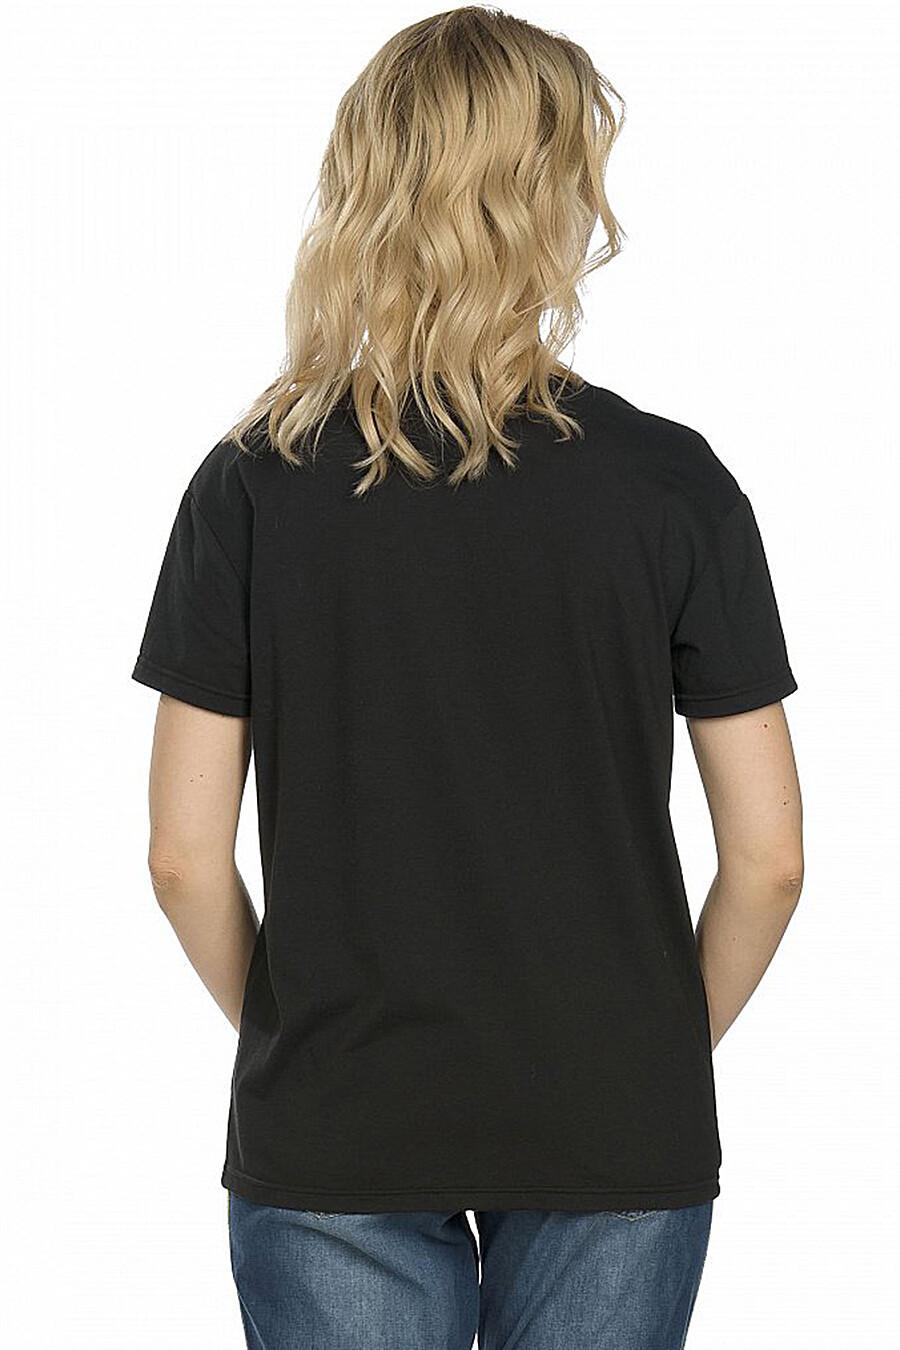 Футболка для женщин PELICAN 131341 купить оптом от производителя. Совместная покупка женской одежды в OptMoyo